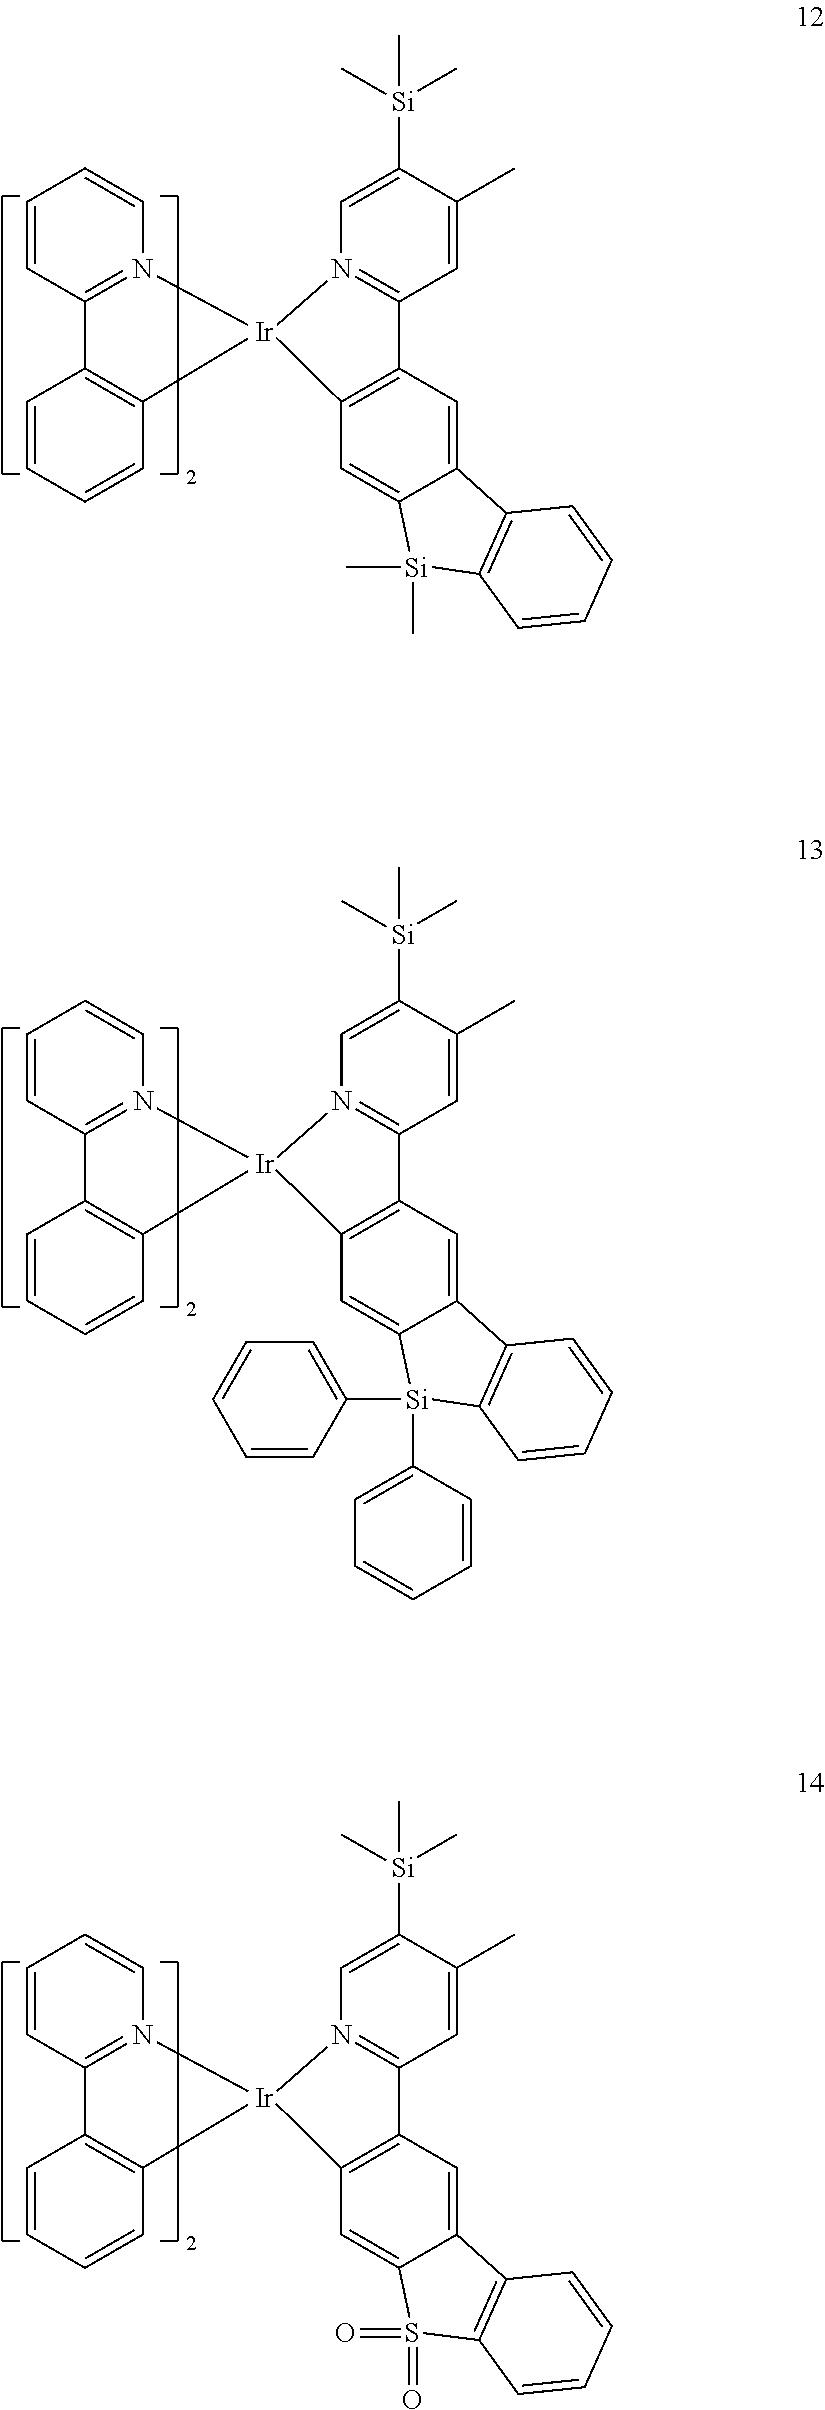 Figure US20160155962A1-20160602-C00062